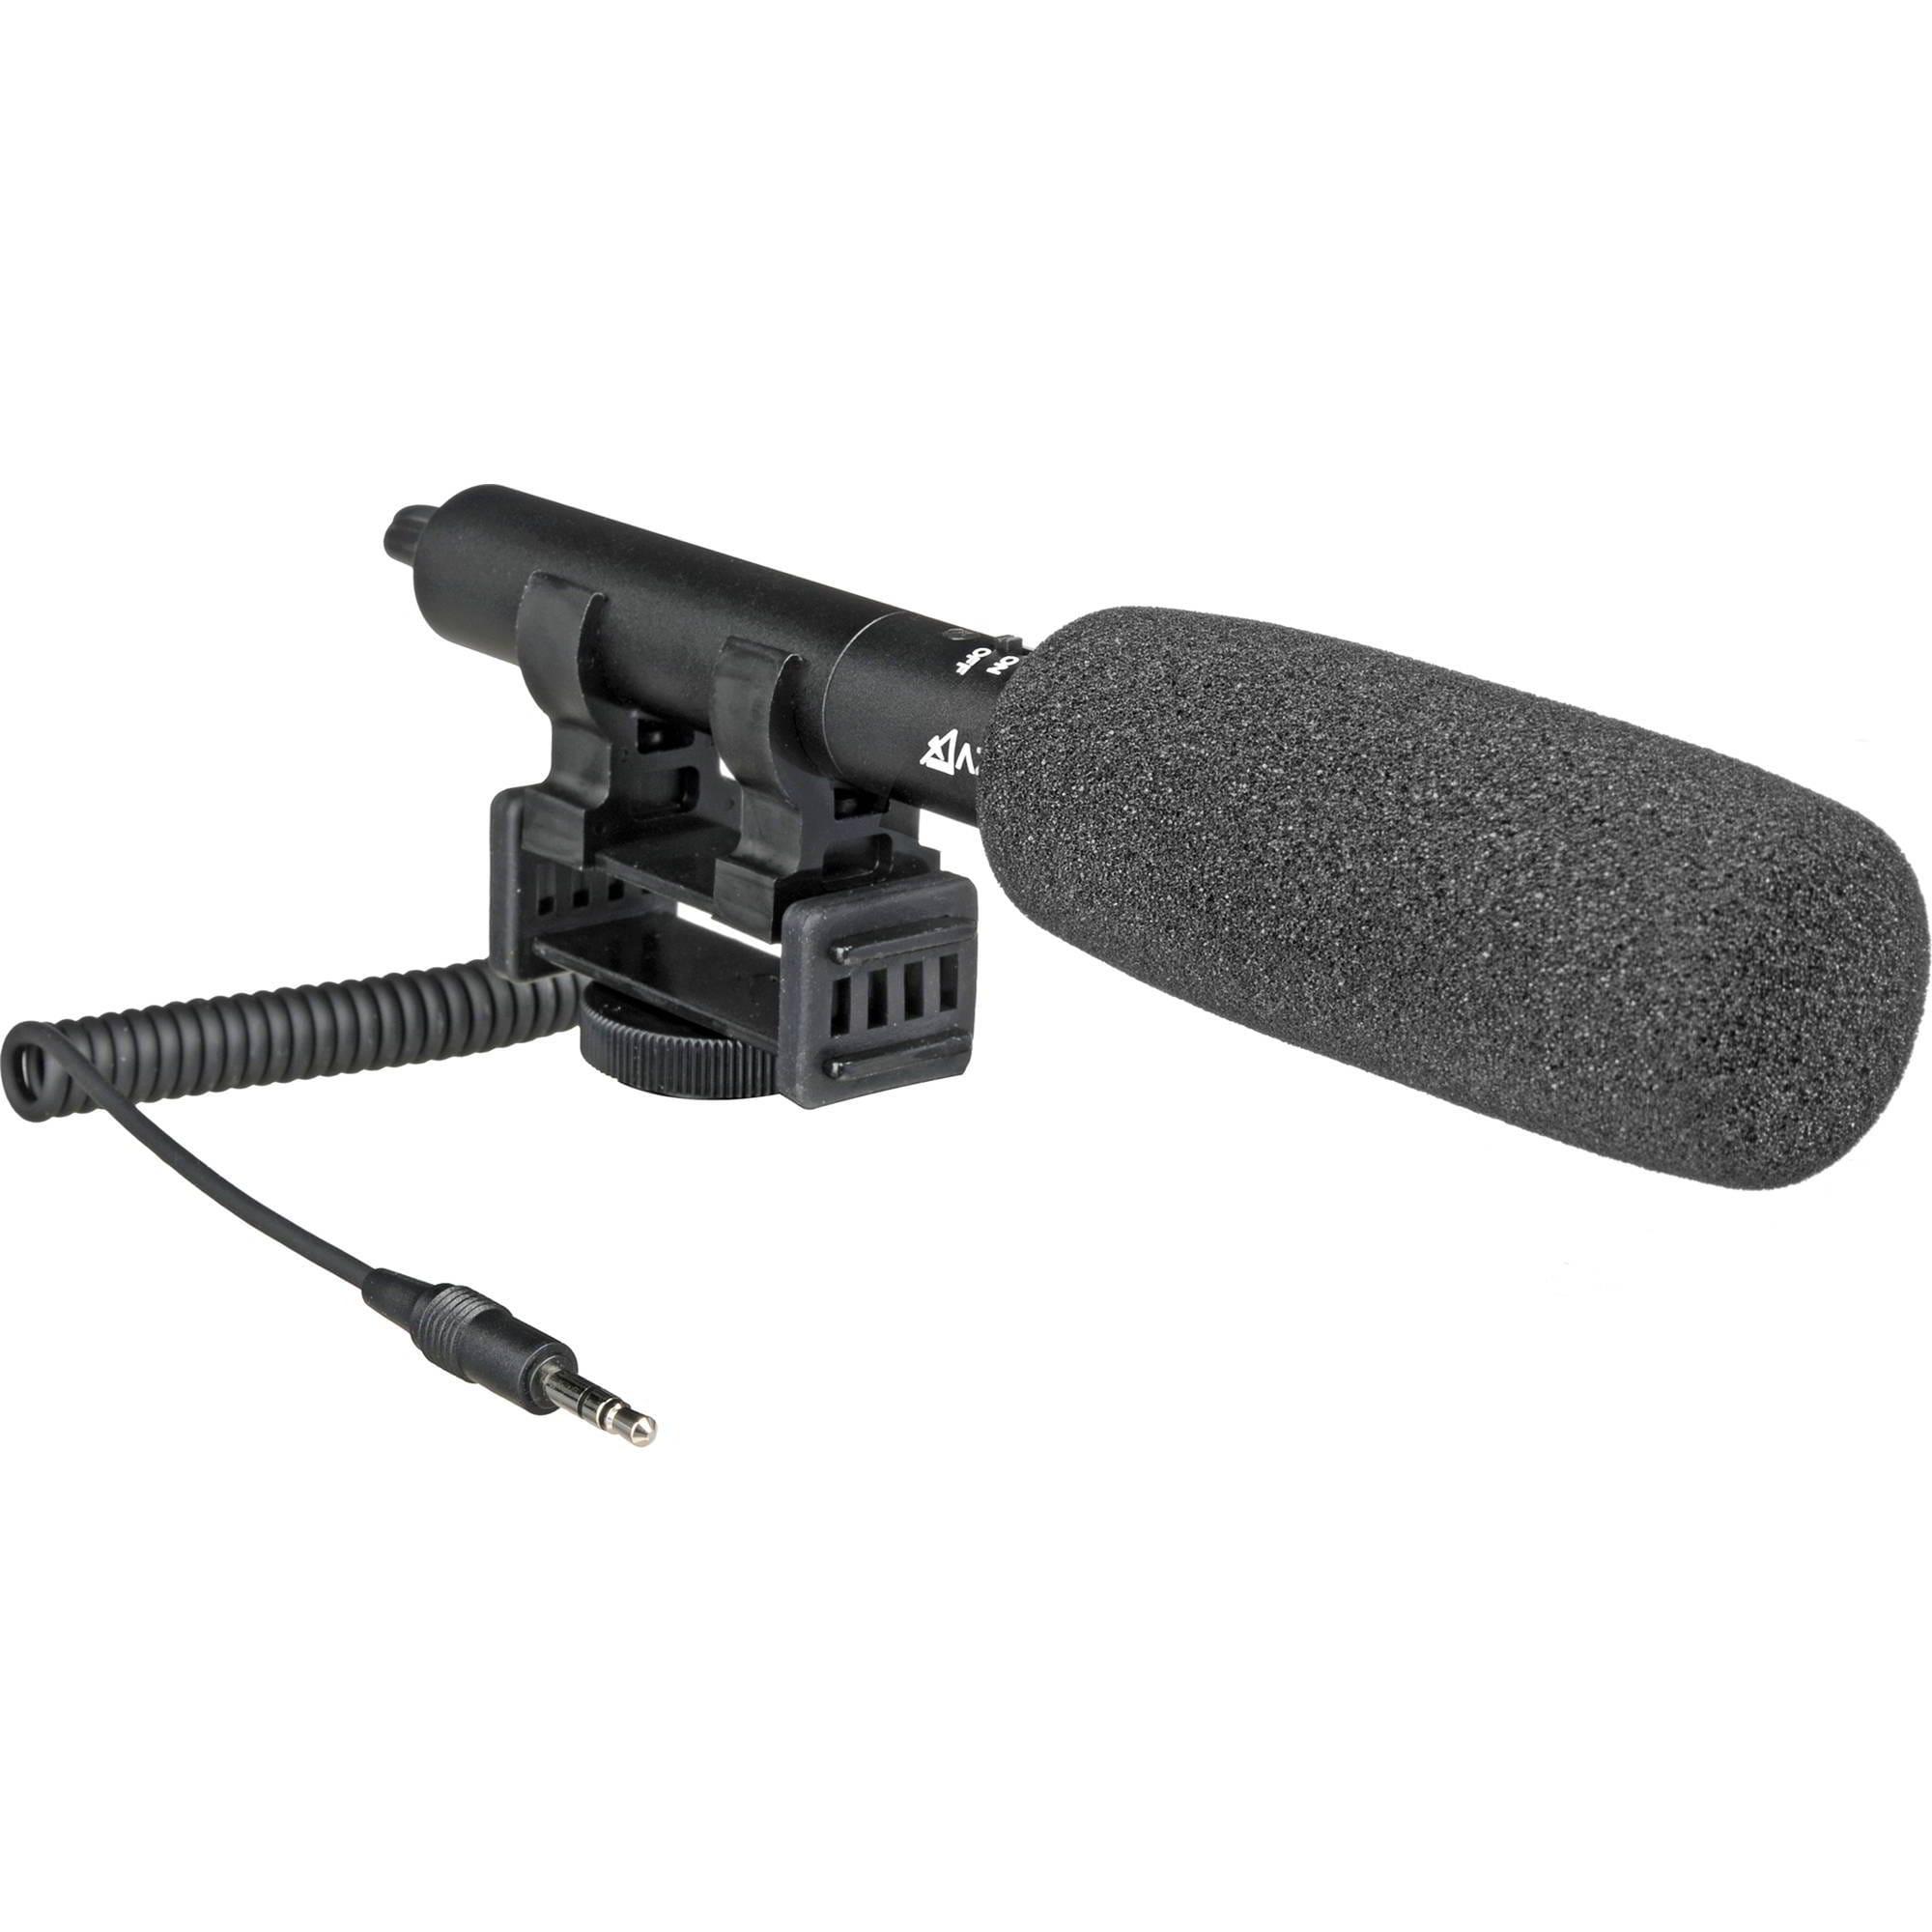 SMX-10 Microfono direzionale stereo, spinotto Jack tipo TRS da 3,5mm. Supporto anti-shock integrato. Fornito con spugnetta antivento.